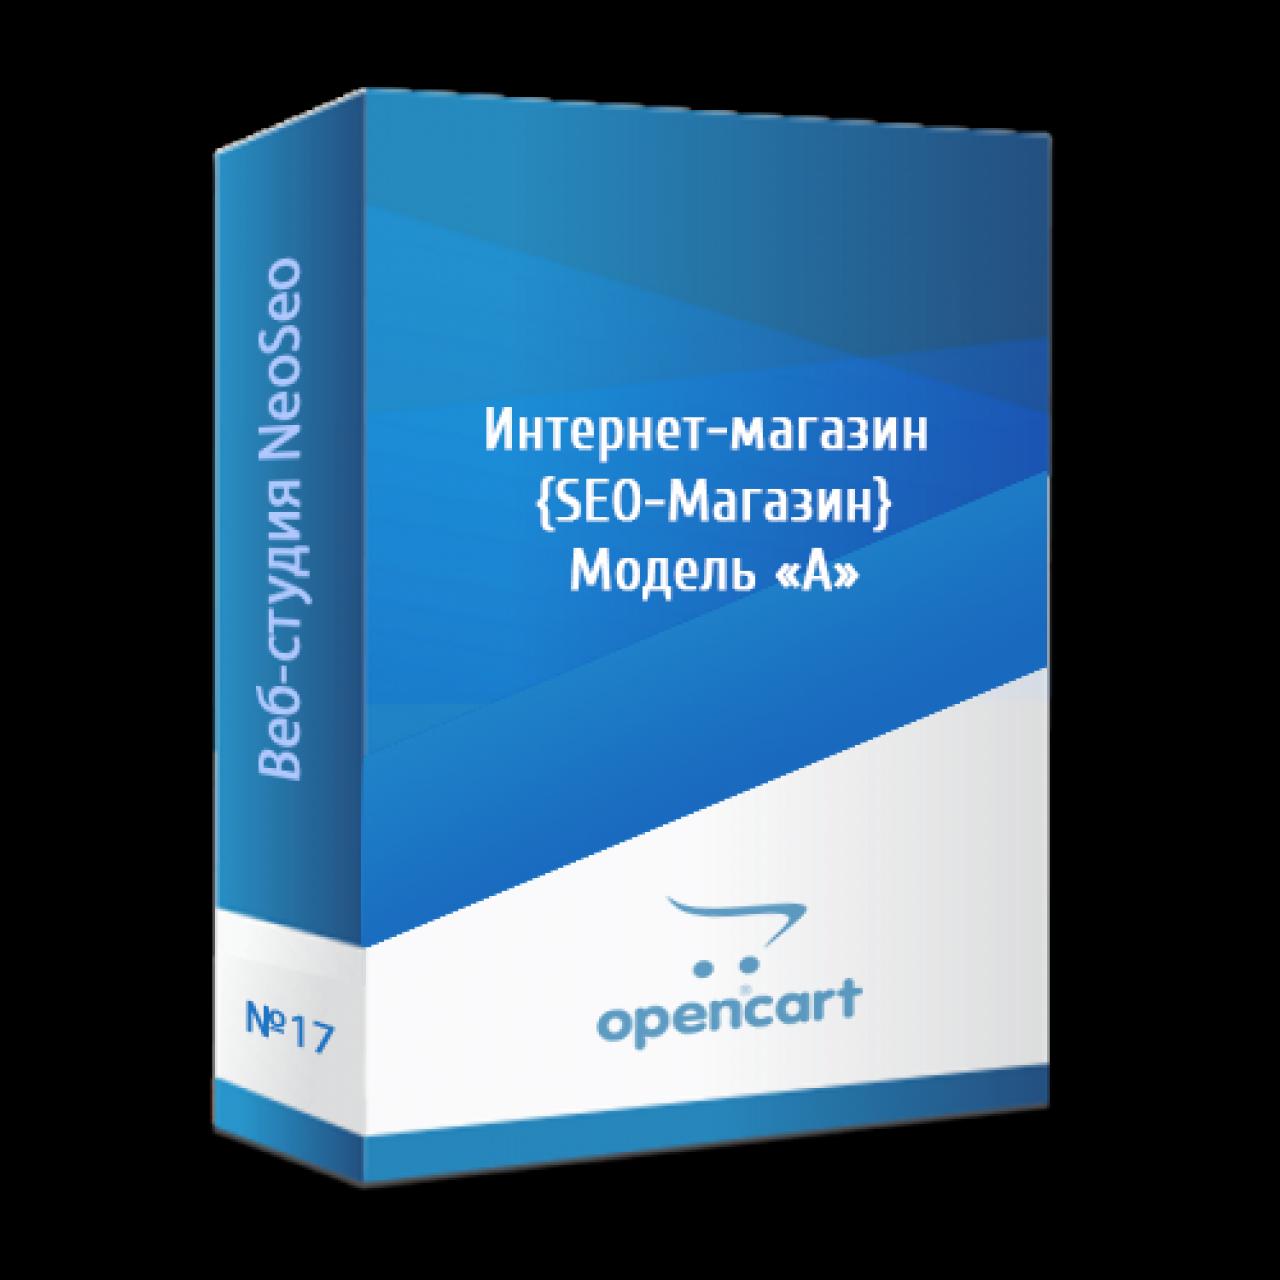 """Интернет-магазин {SEO-Магазин}, модель """"A"""" из категории Сборки Opencart для CMS OpenCart (ОпенКарт)"""